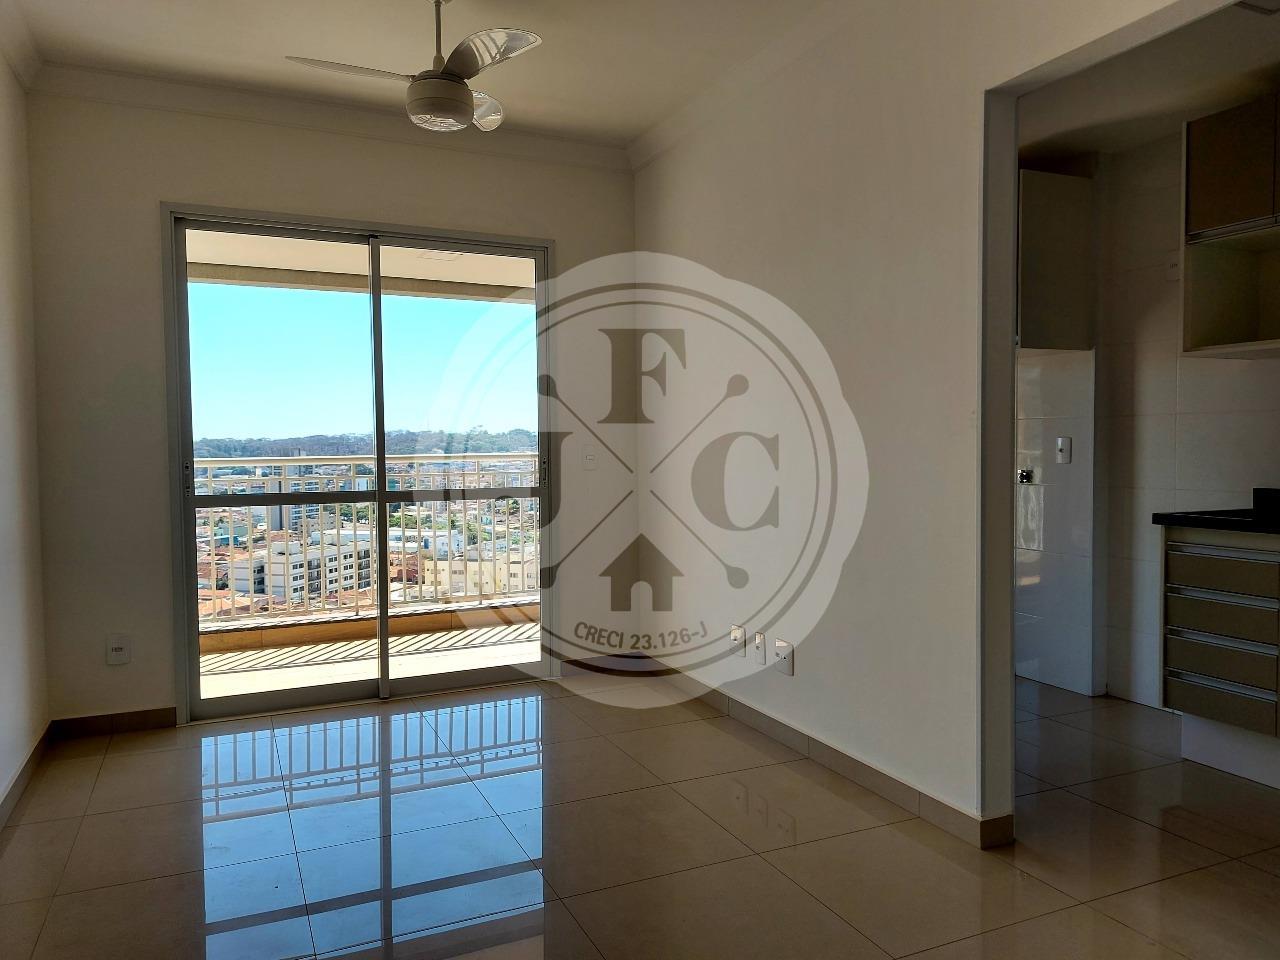 Exclusivo apartamento para locação no bairro Vila Seixas.